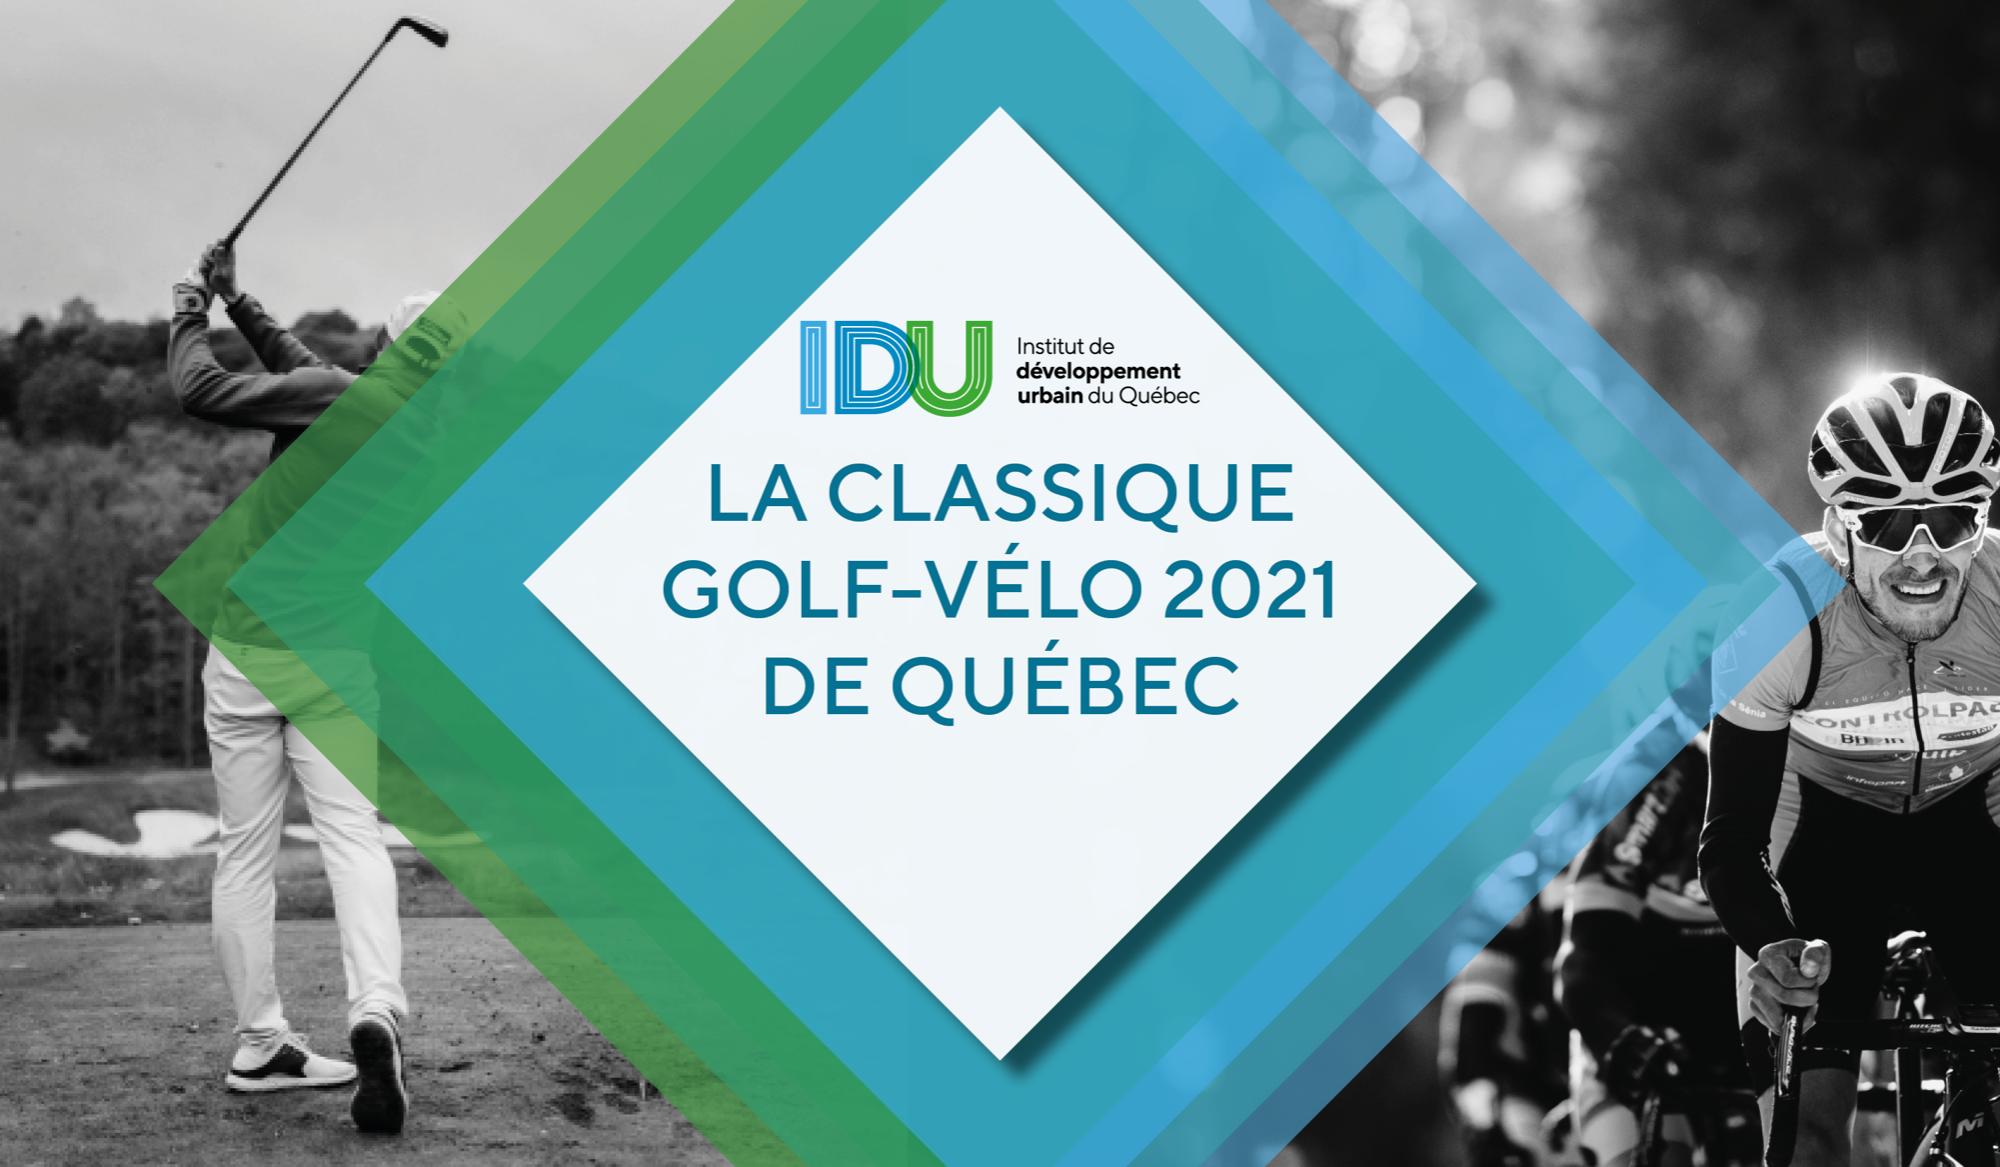 La Classique Golf-Vélo de Québec 2021